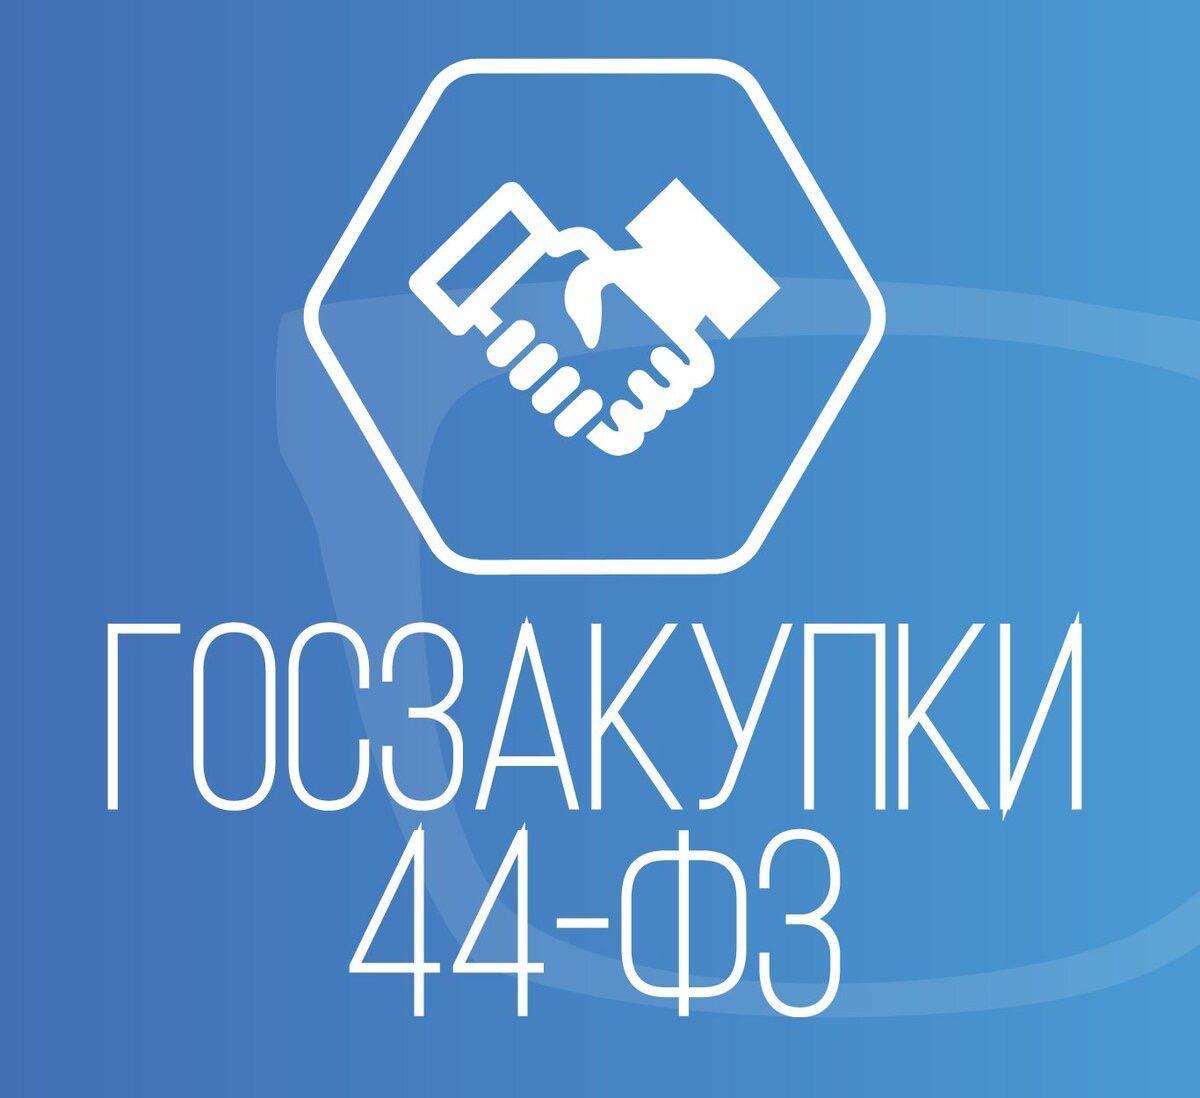 Госзакупки 44-ФЗ — значок и надпись